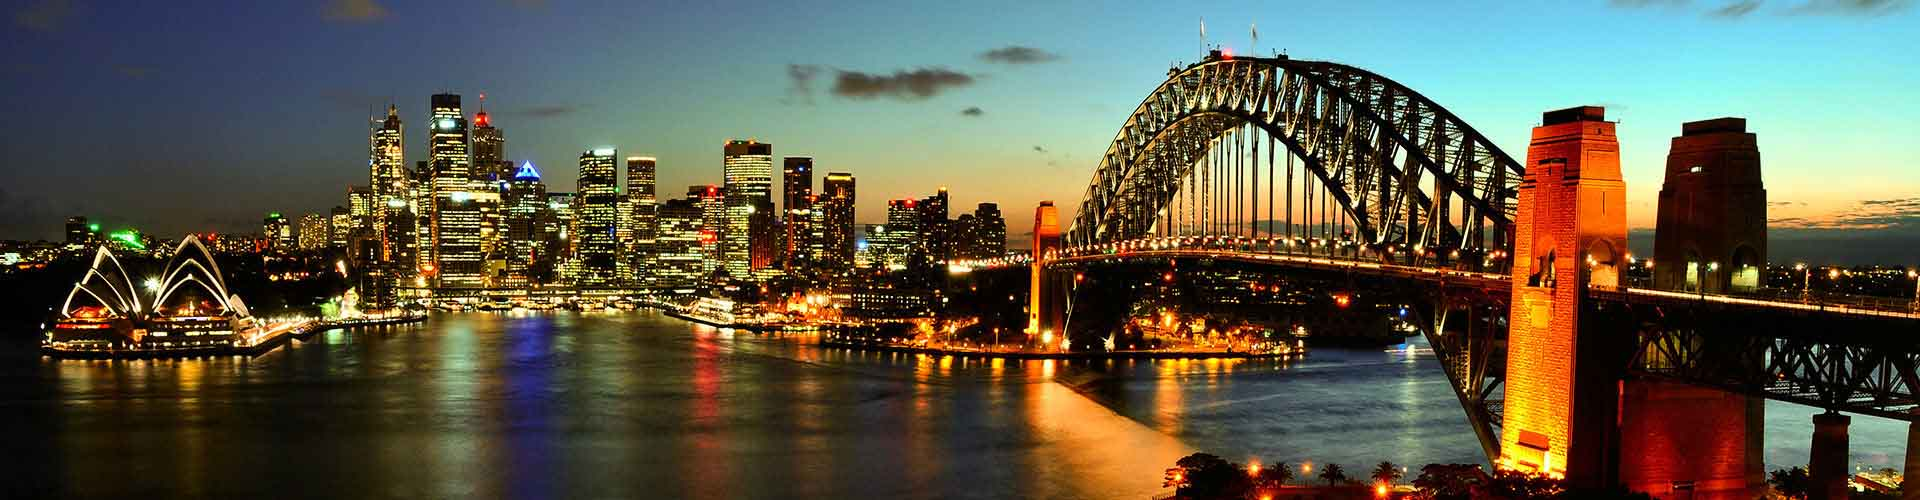 悉尼 – Darlinghurst区的青年旅馆。悉尼 地图,悉尼 每间青年旅馆的照片和评分。